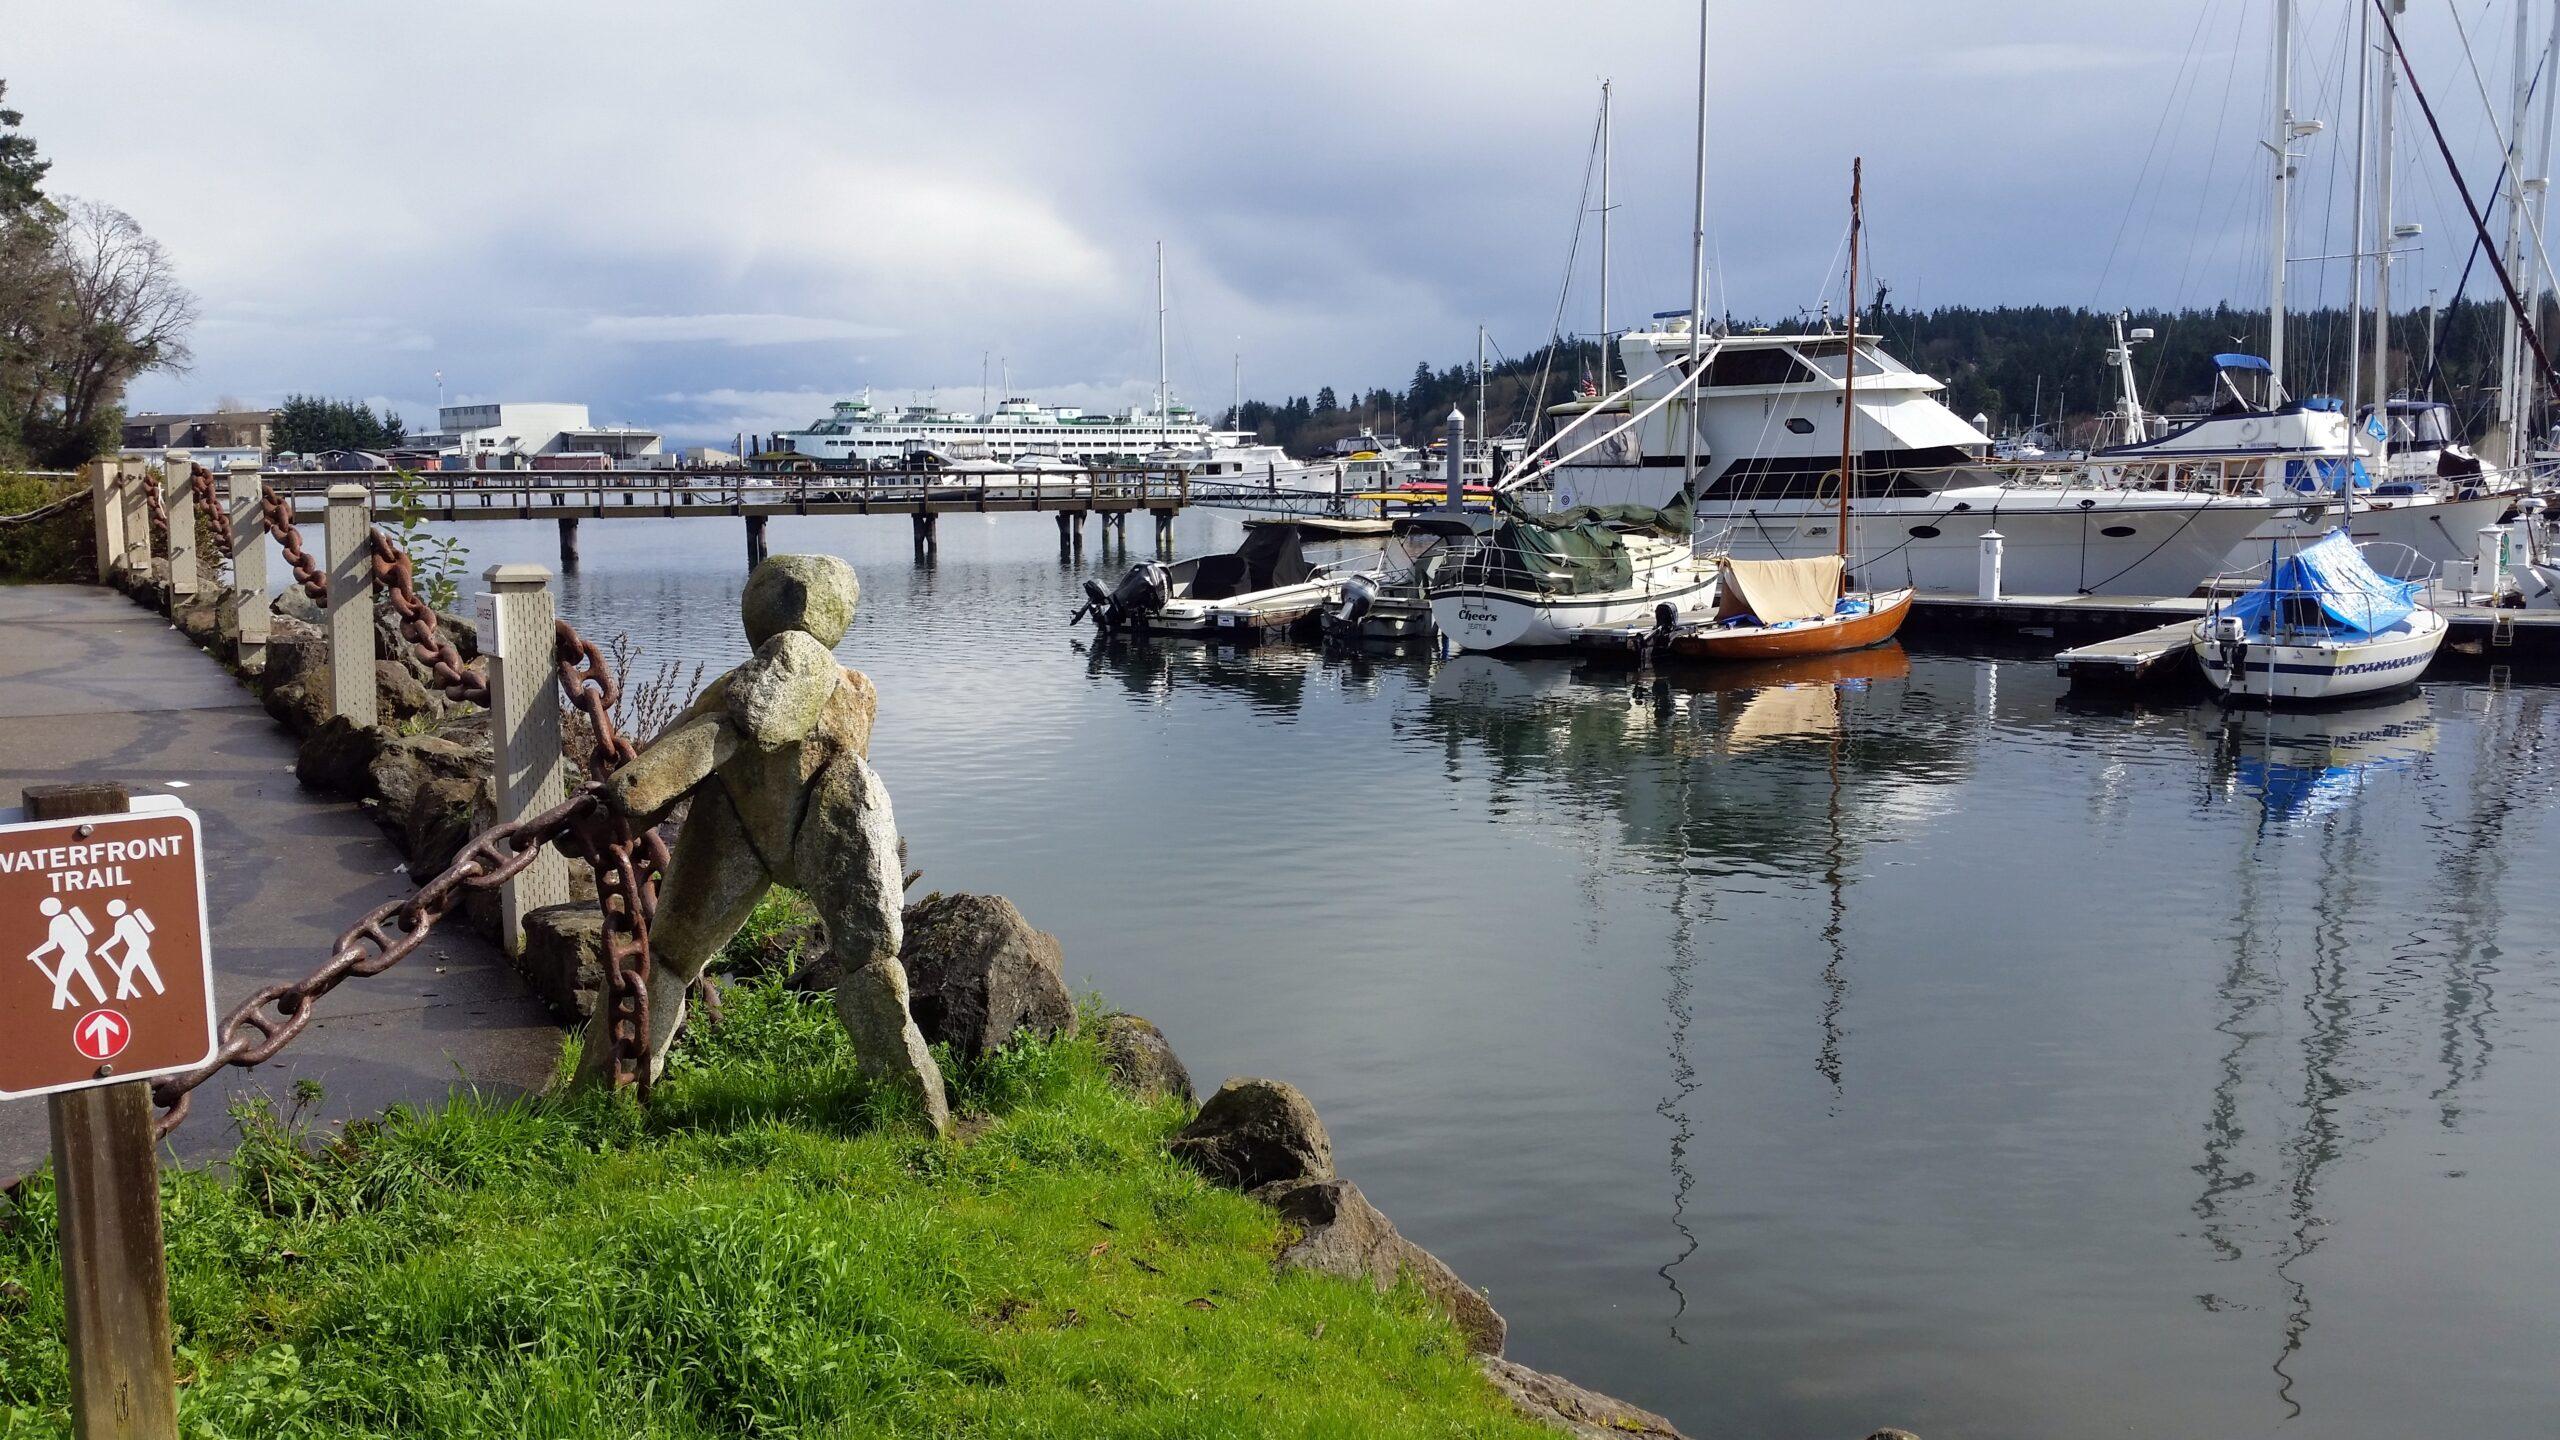 Marina & boats